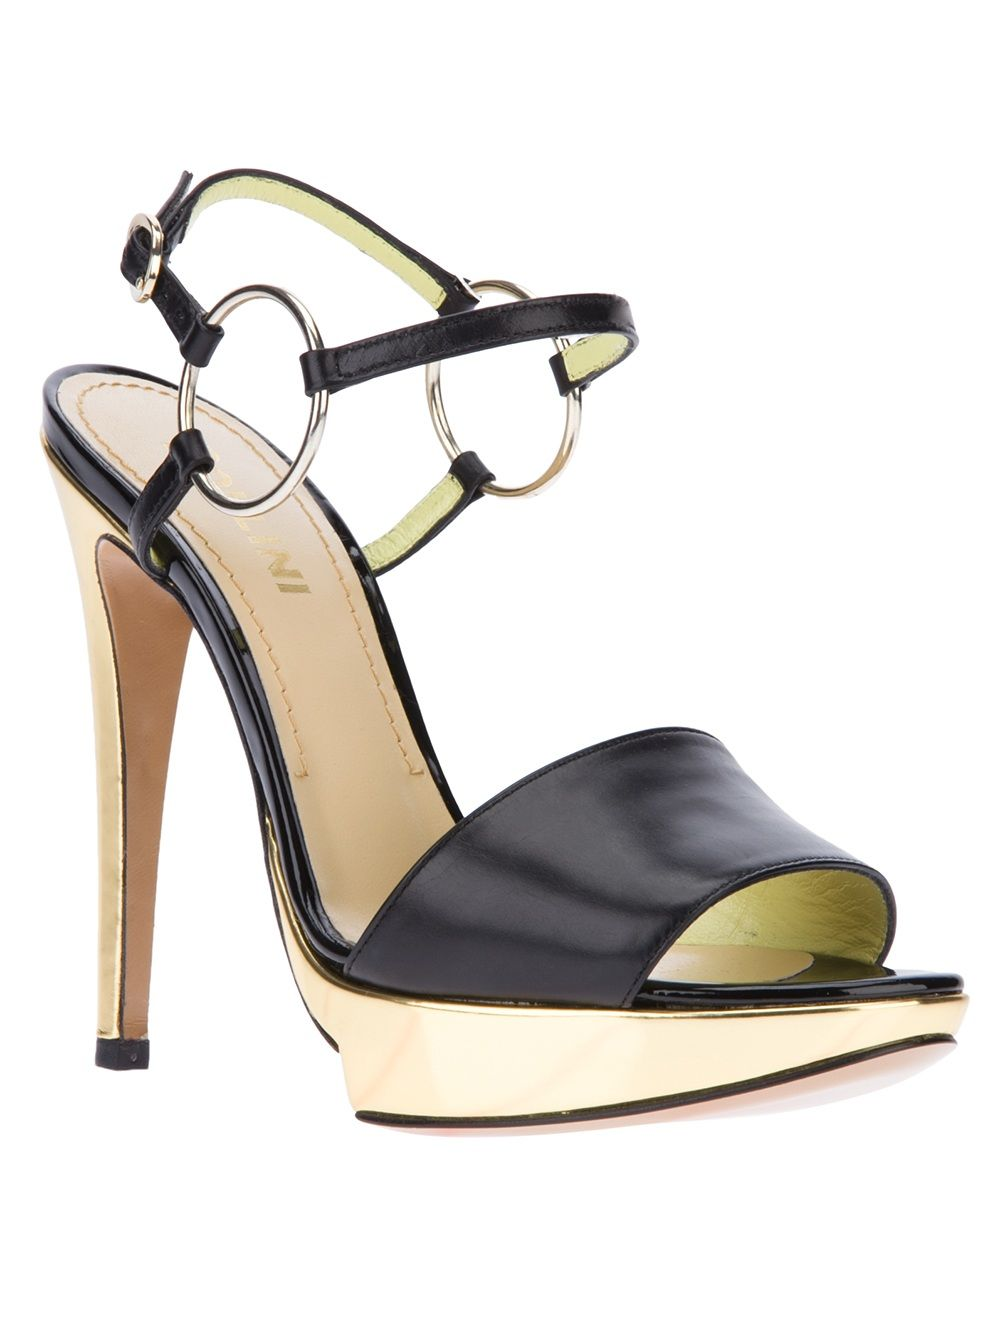 Pollini Black Metallic Heeled Sandal